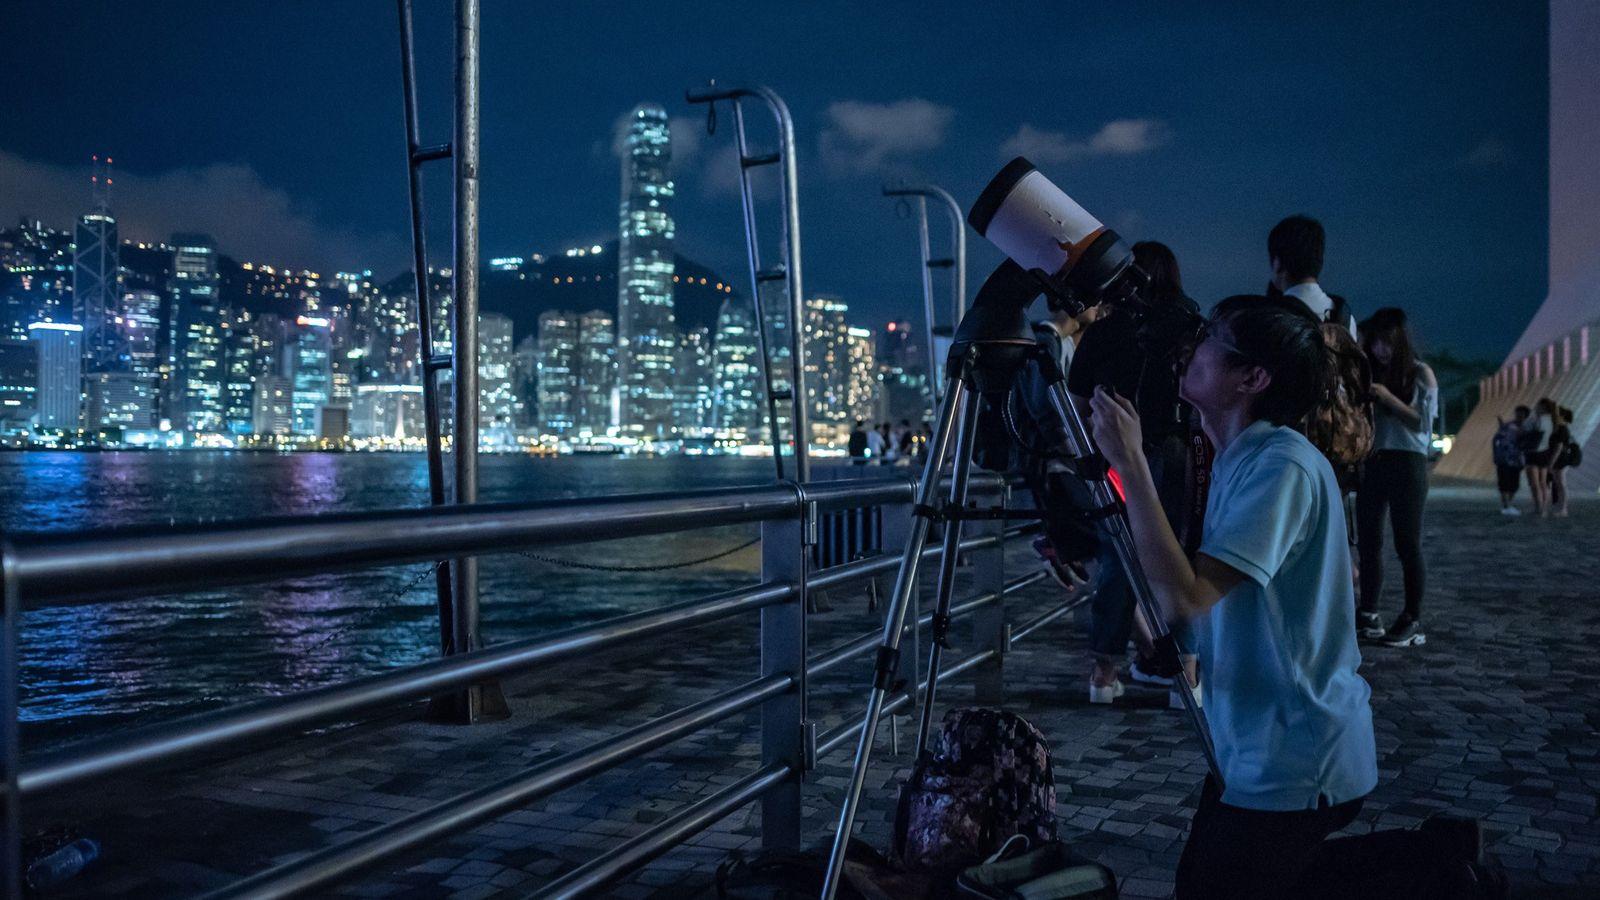 Observadores apontam telescópios para observar o eclipse da Lua de Sangue em Tsim Sha Tsui, Hong ...